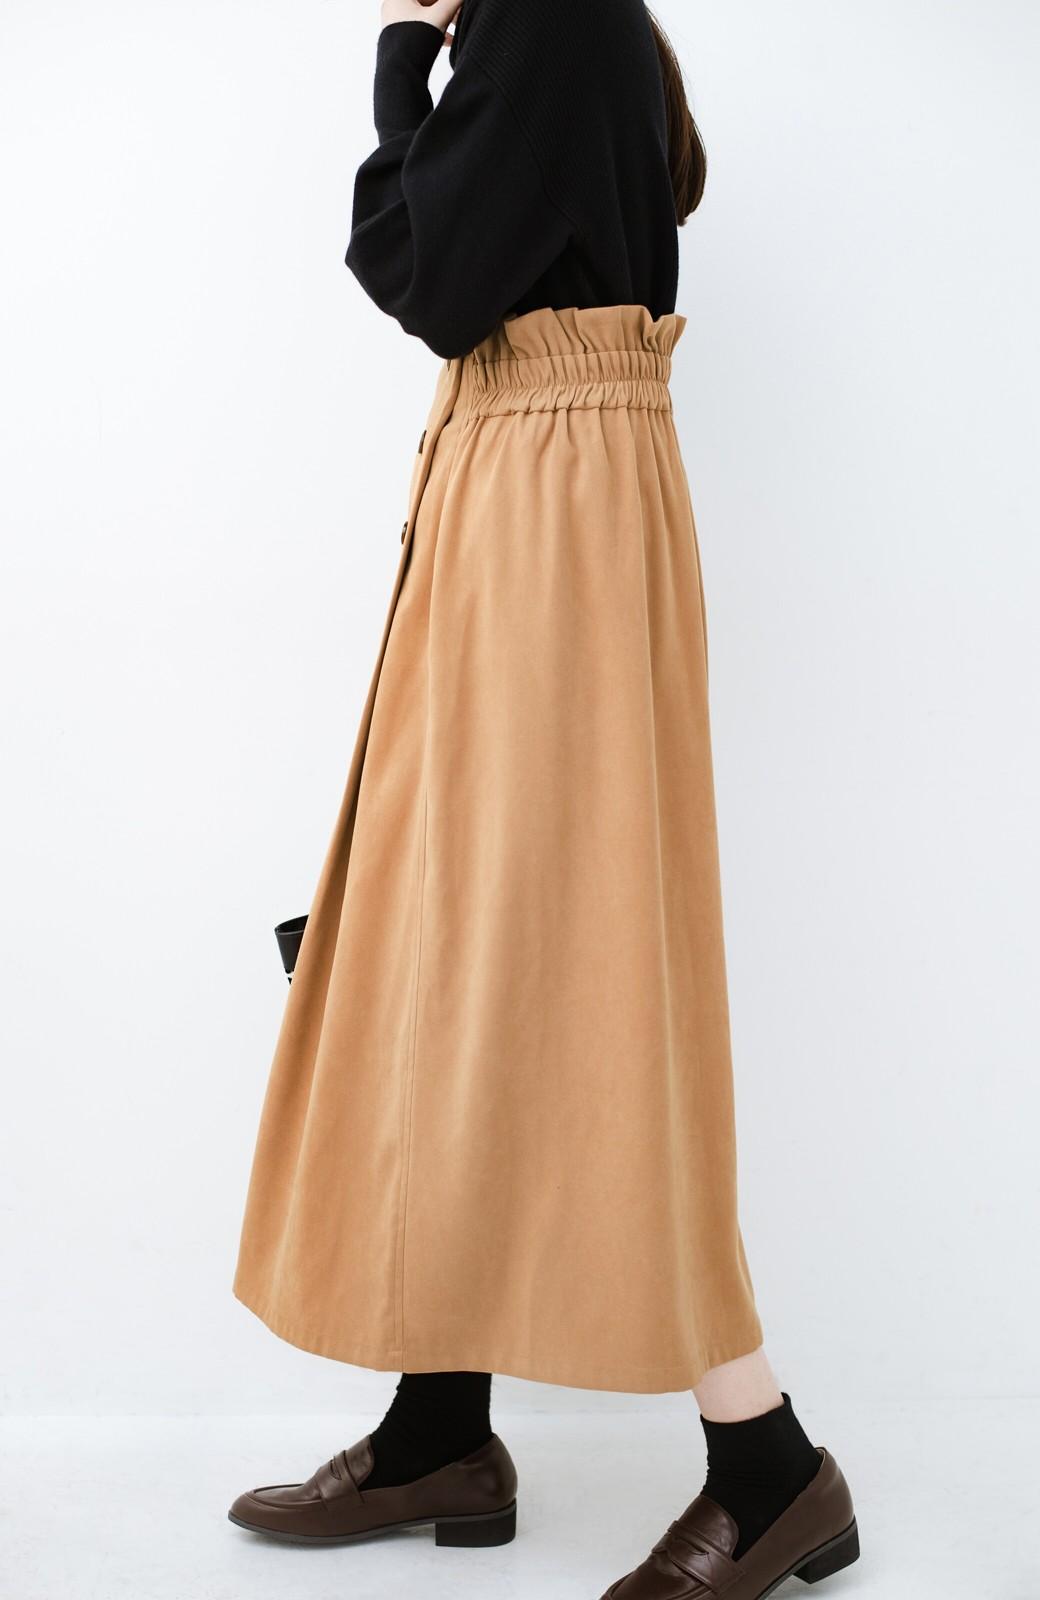 haco! 楽ちんなのにきれい見せが叶う ボタンがポイントの大人スカート <ベージュ>の商品写真7